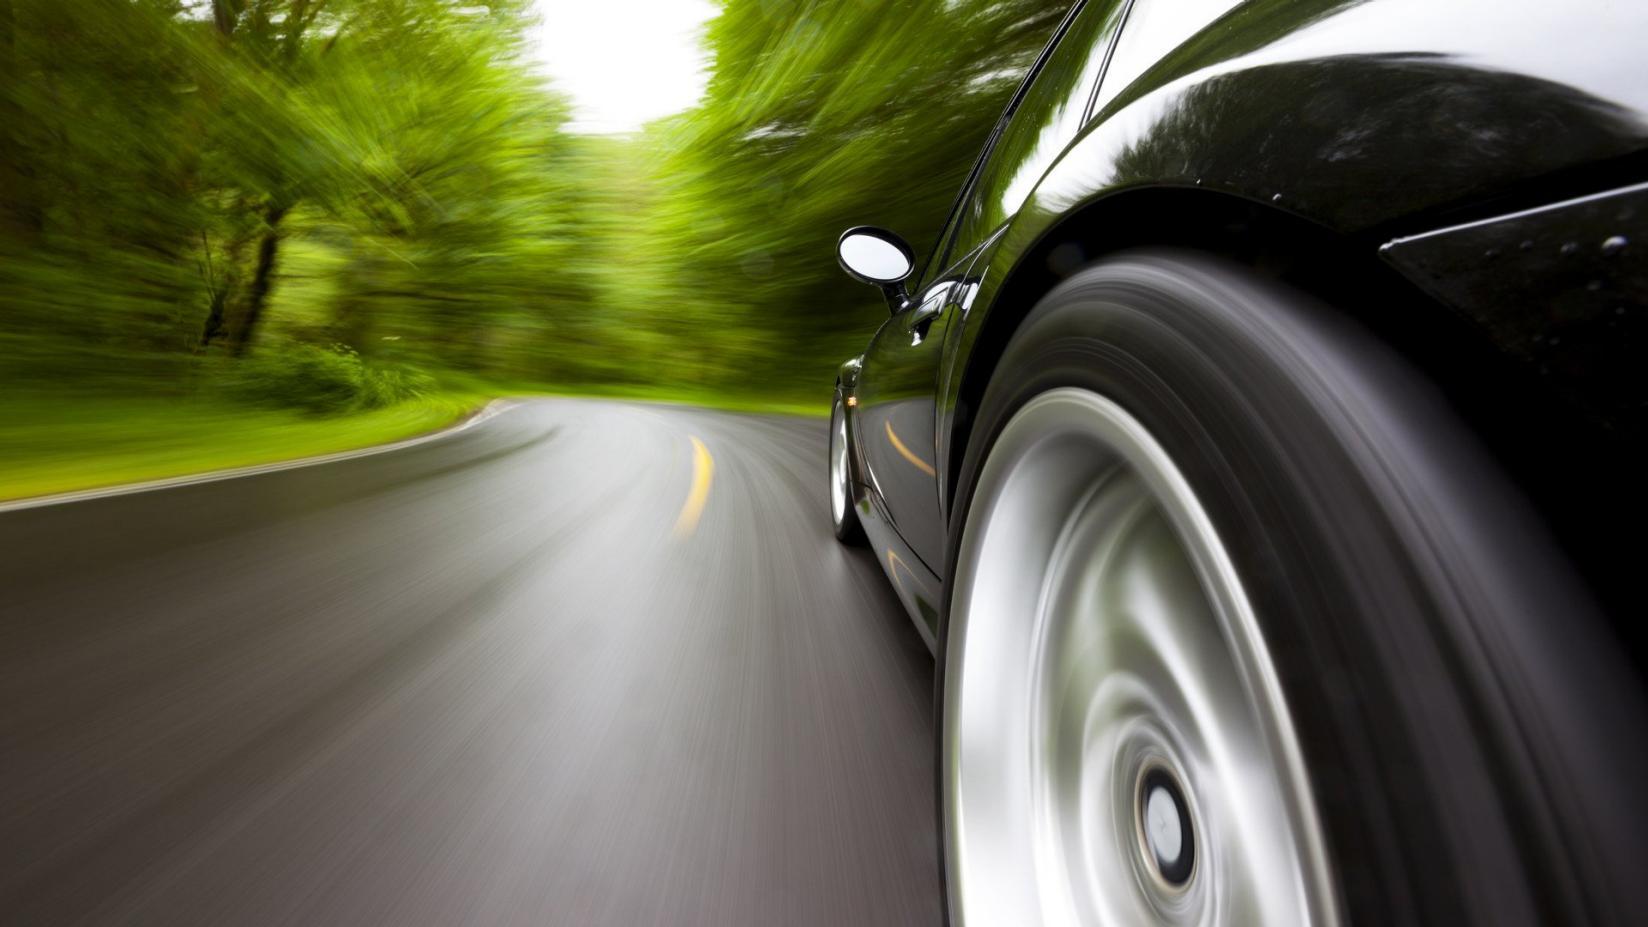 samochód na drodze